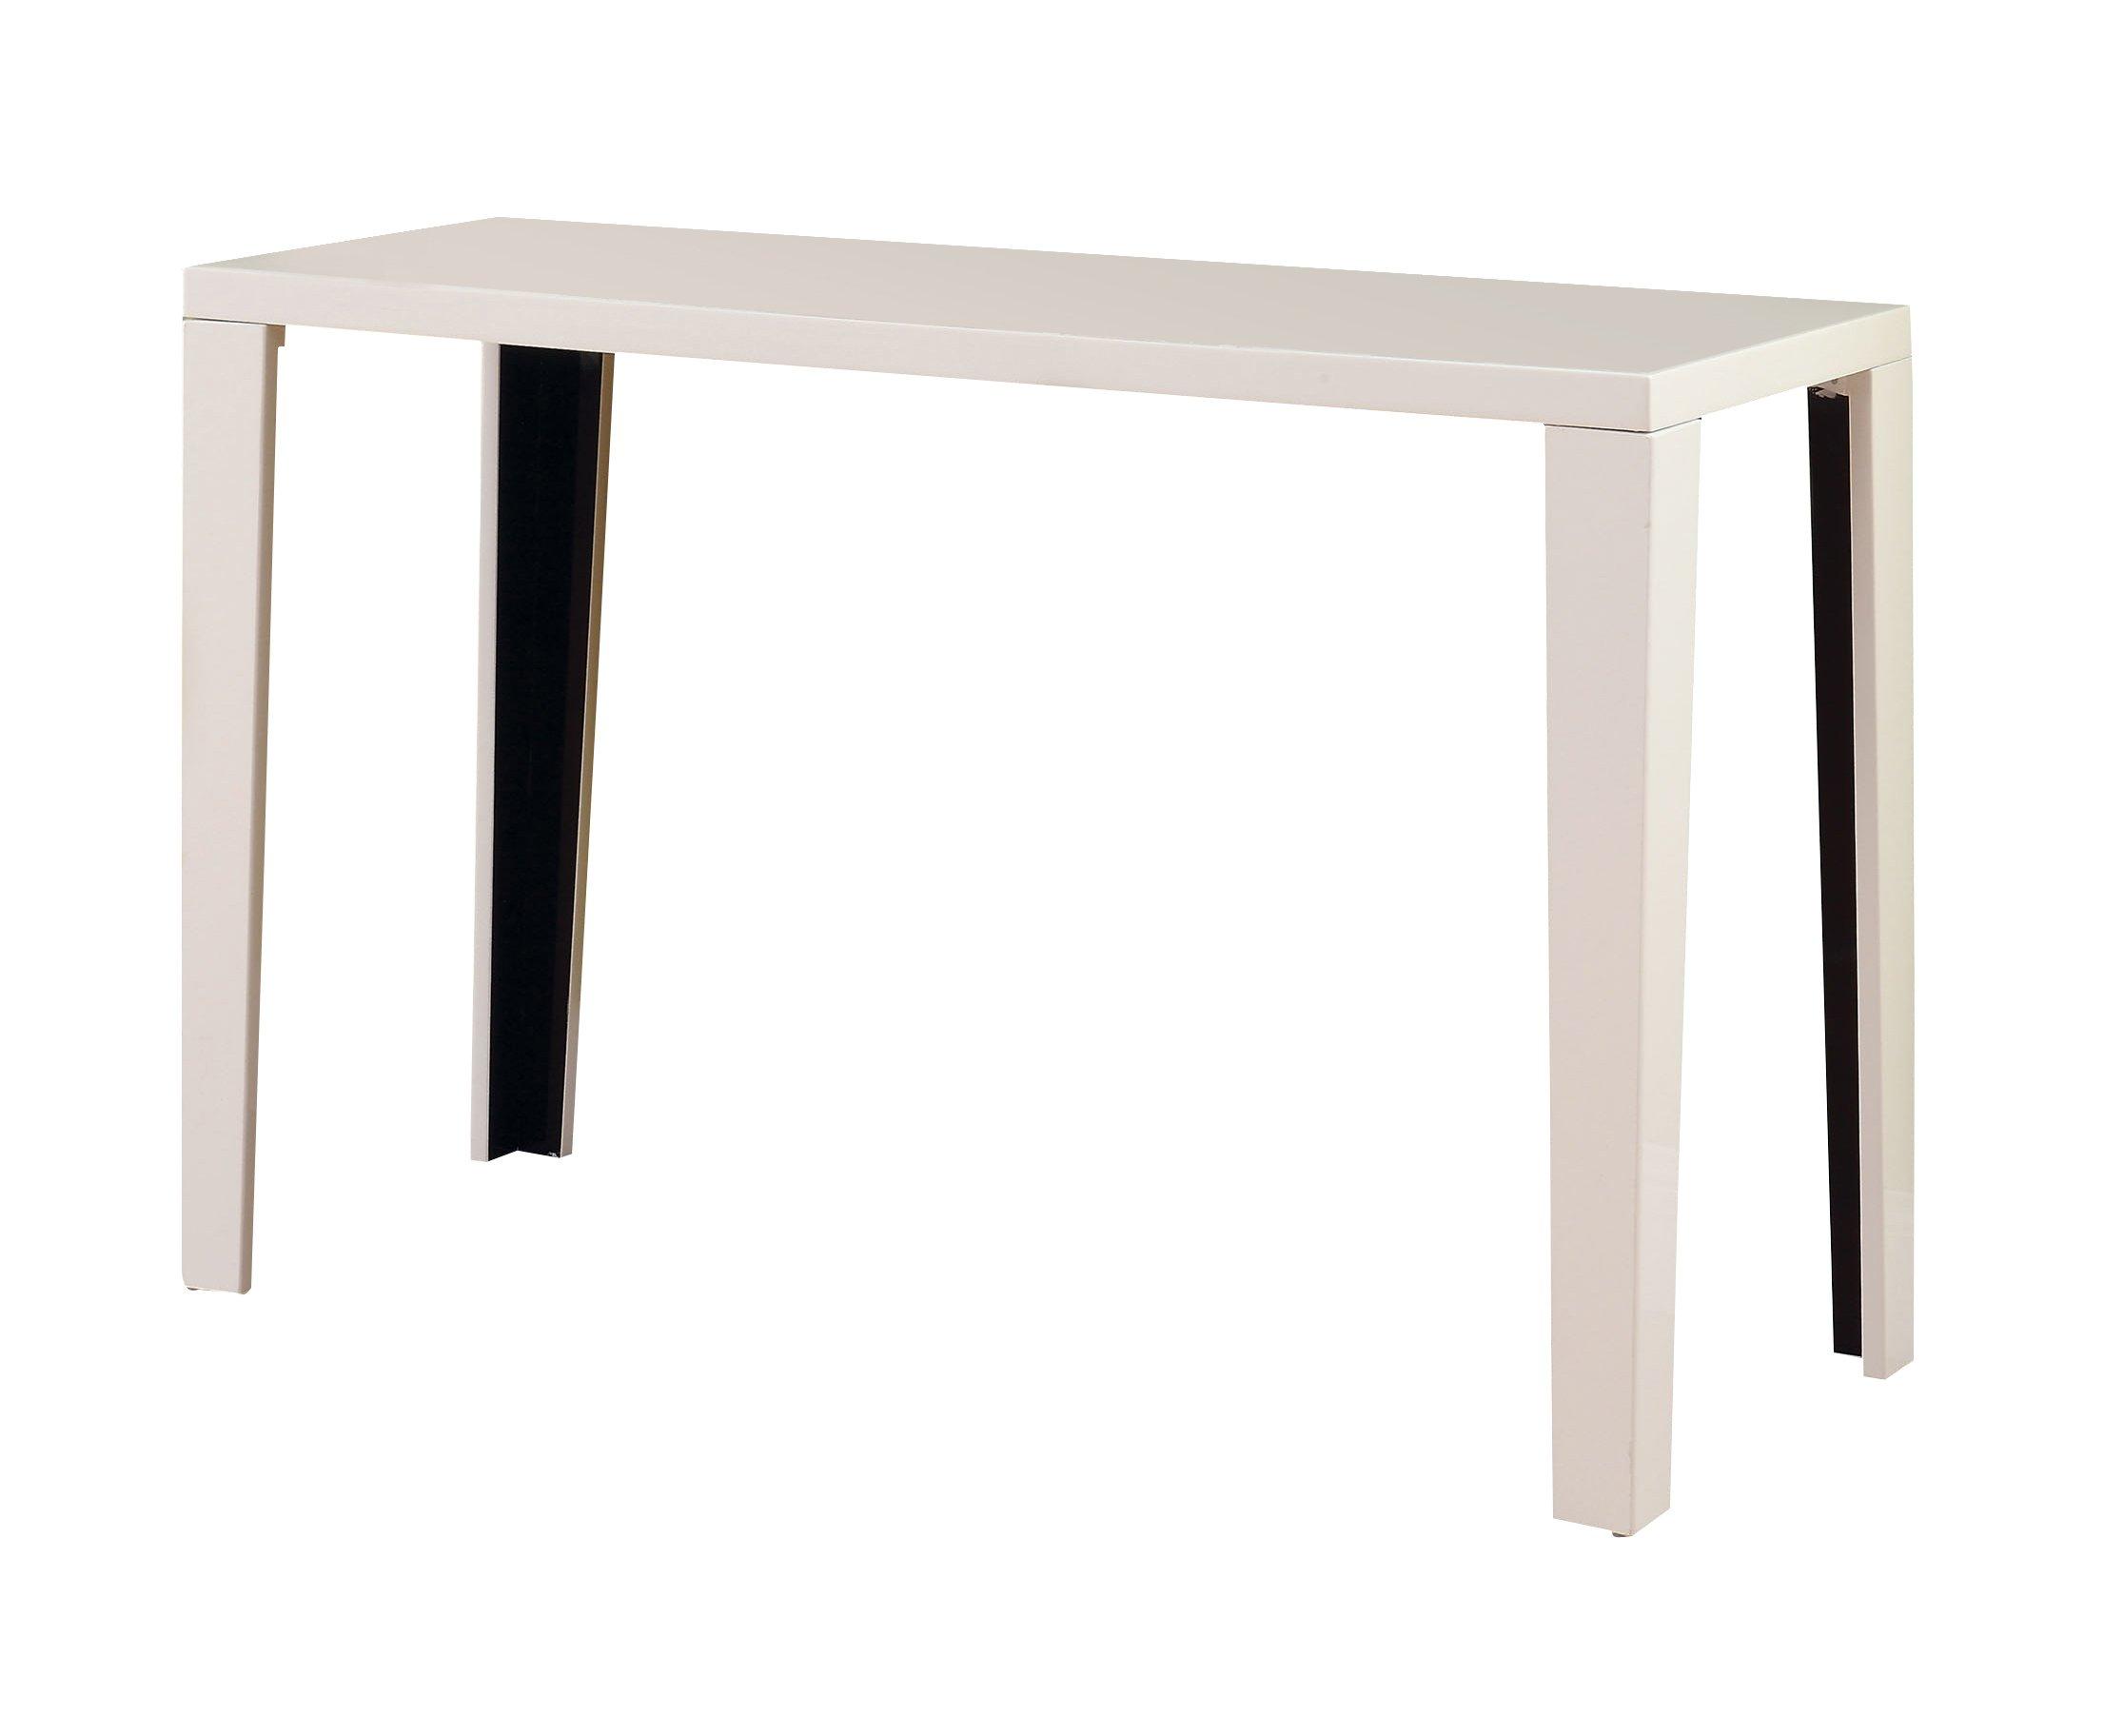 Furniture of America LeBlanc 2-Tone Sofa Table, White and Black by Furniture of America